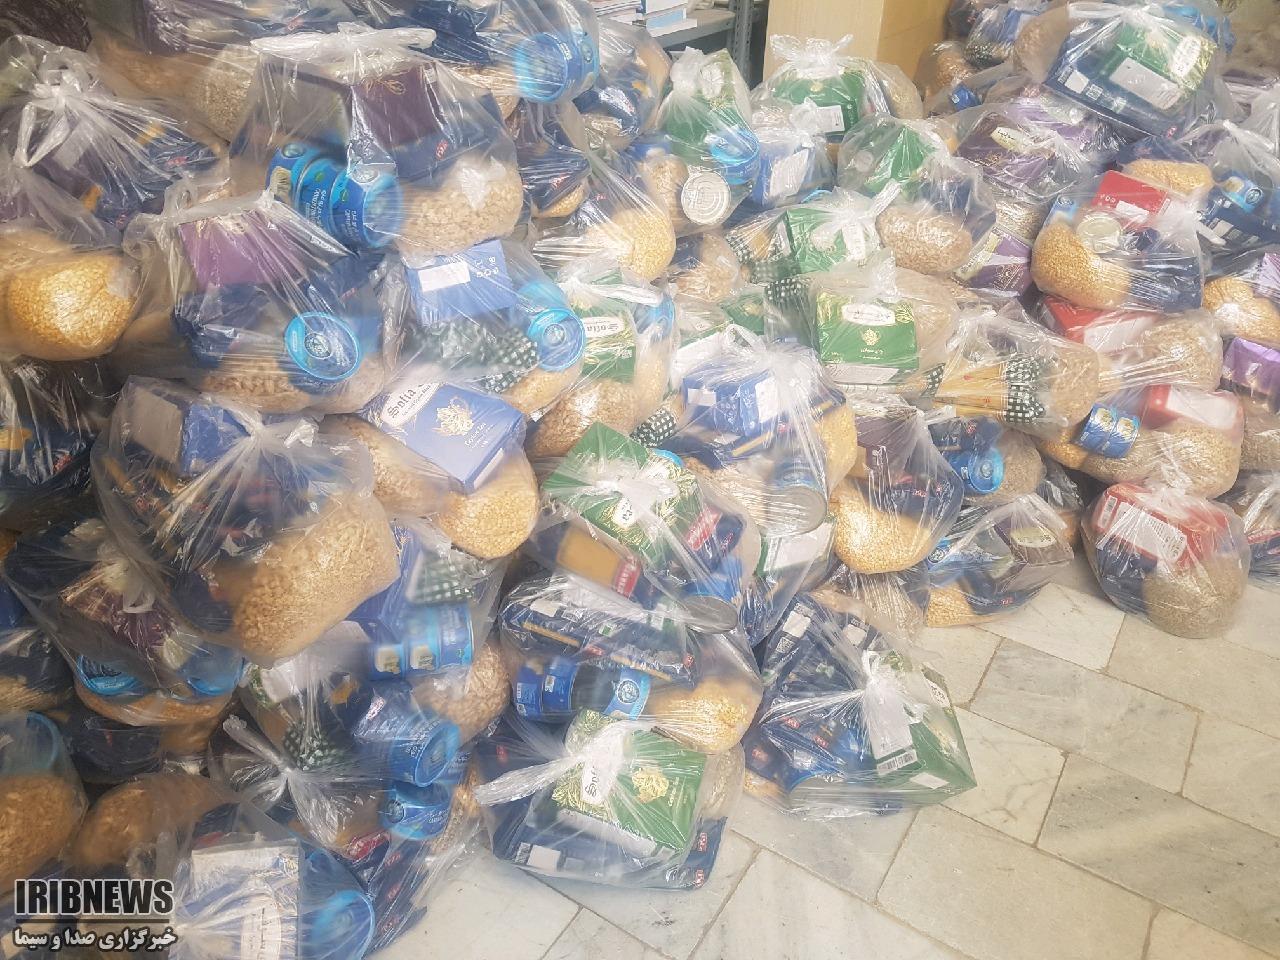 توزیع 830 سبد غذایی بین نیازمندان زیرکوه